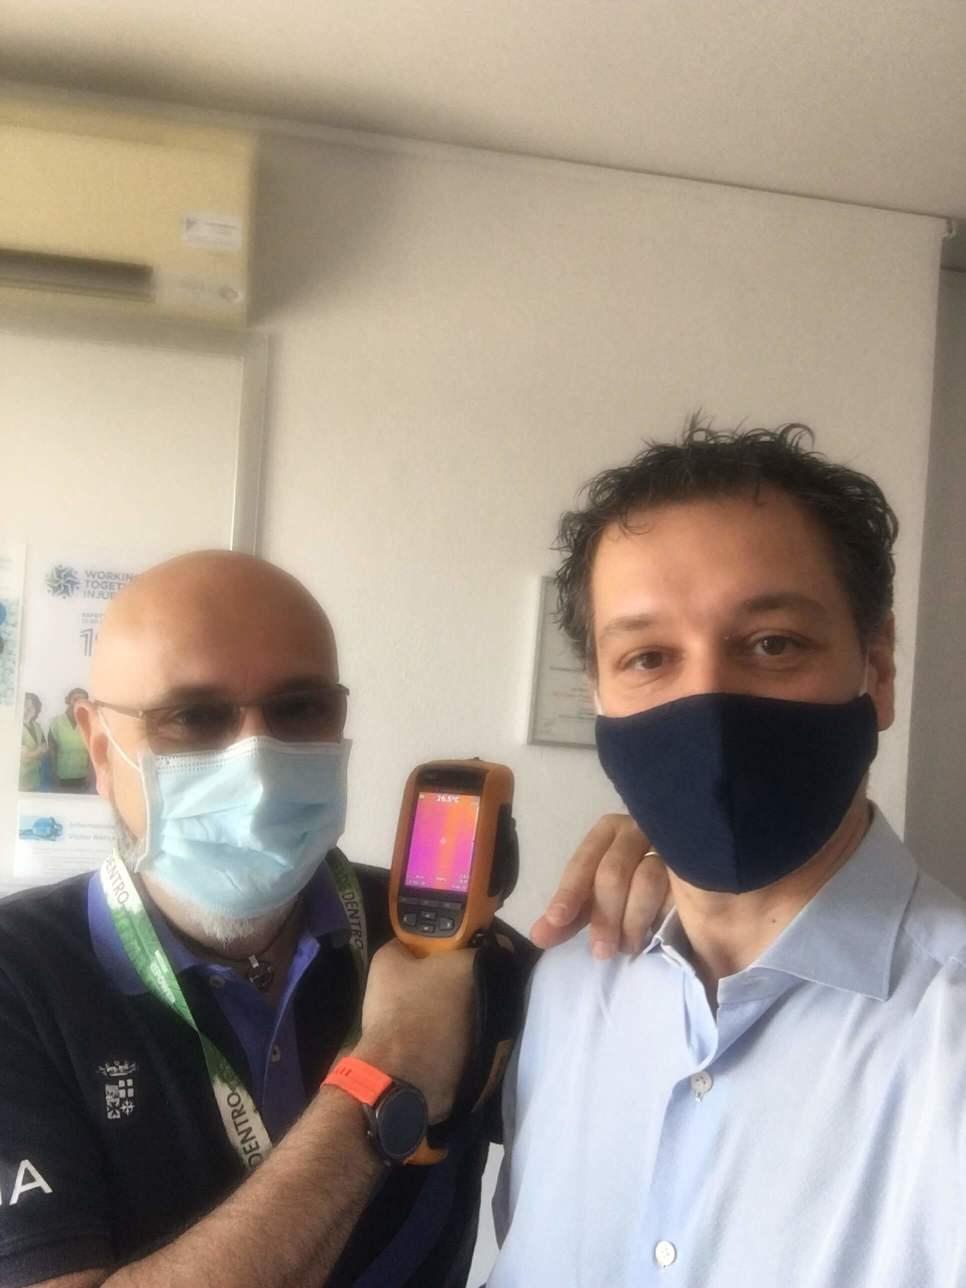 Stefano Frontini e un tecnico Repower che mostrano una termocamera